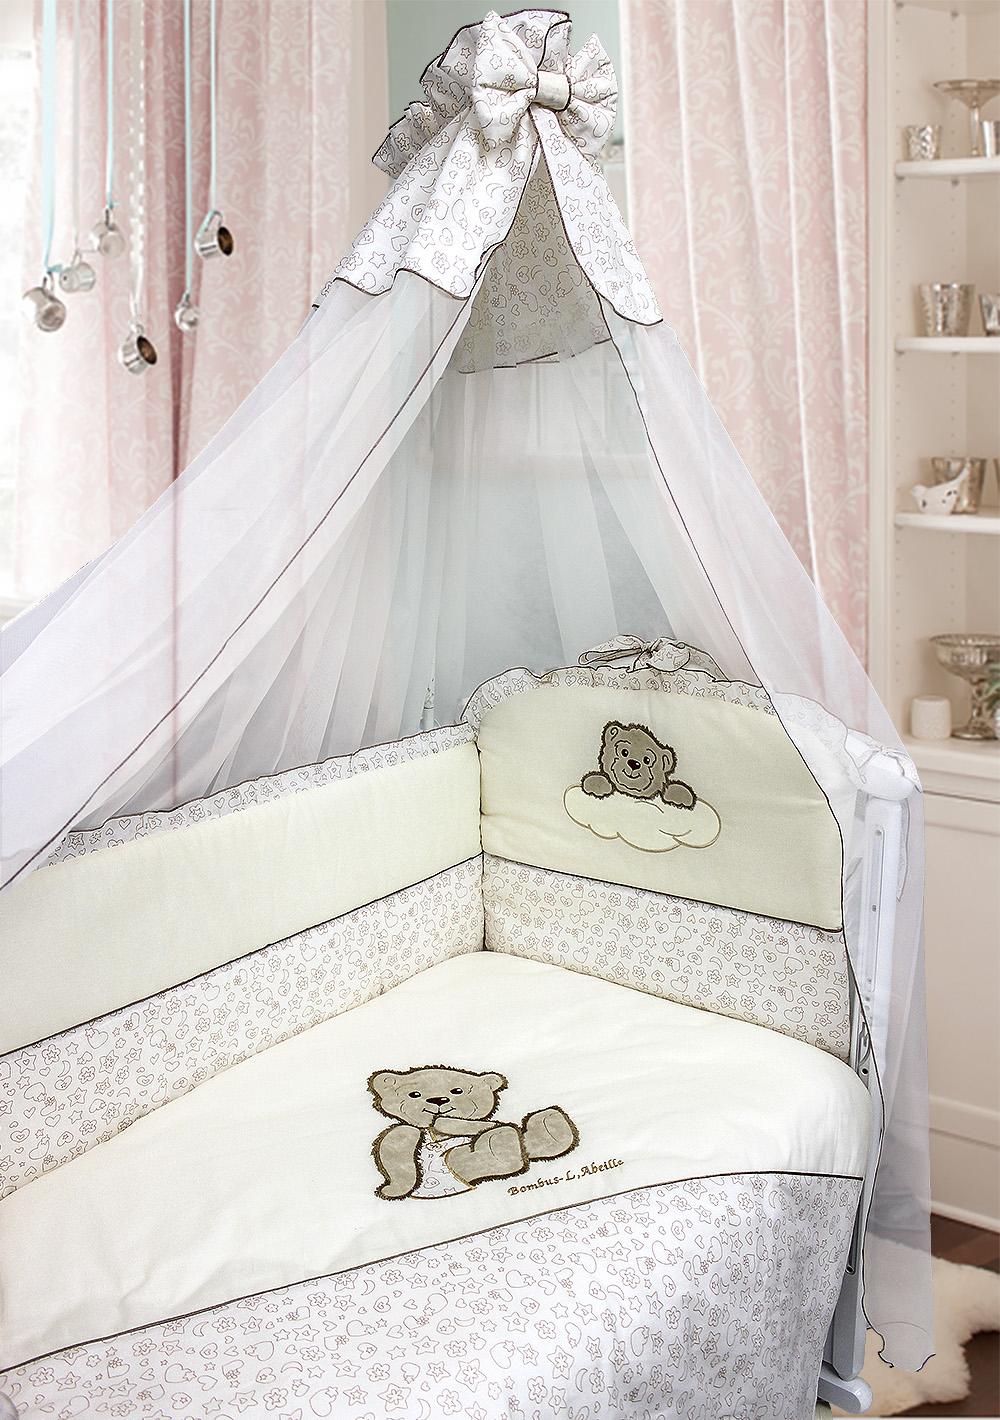 Комплект в кроватку - Мишка в штанишках, 7 предметовДетское постельное белье<br>Комплект в кроватку - Мишка в штанишках, 7 предметов<br>